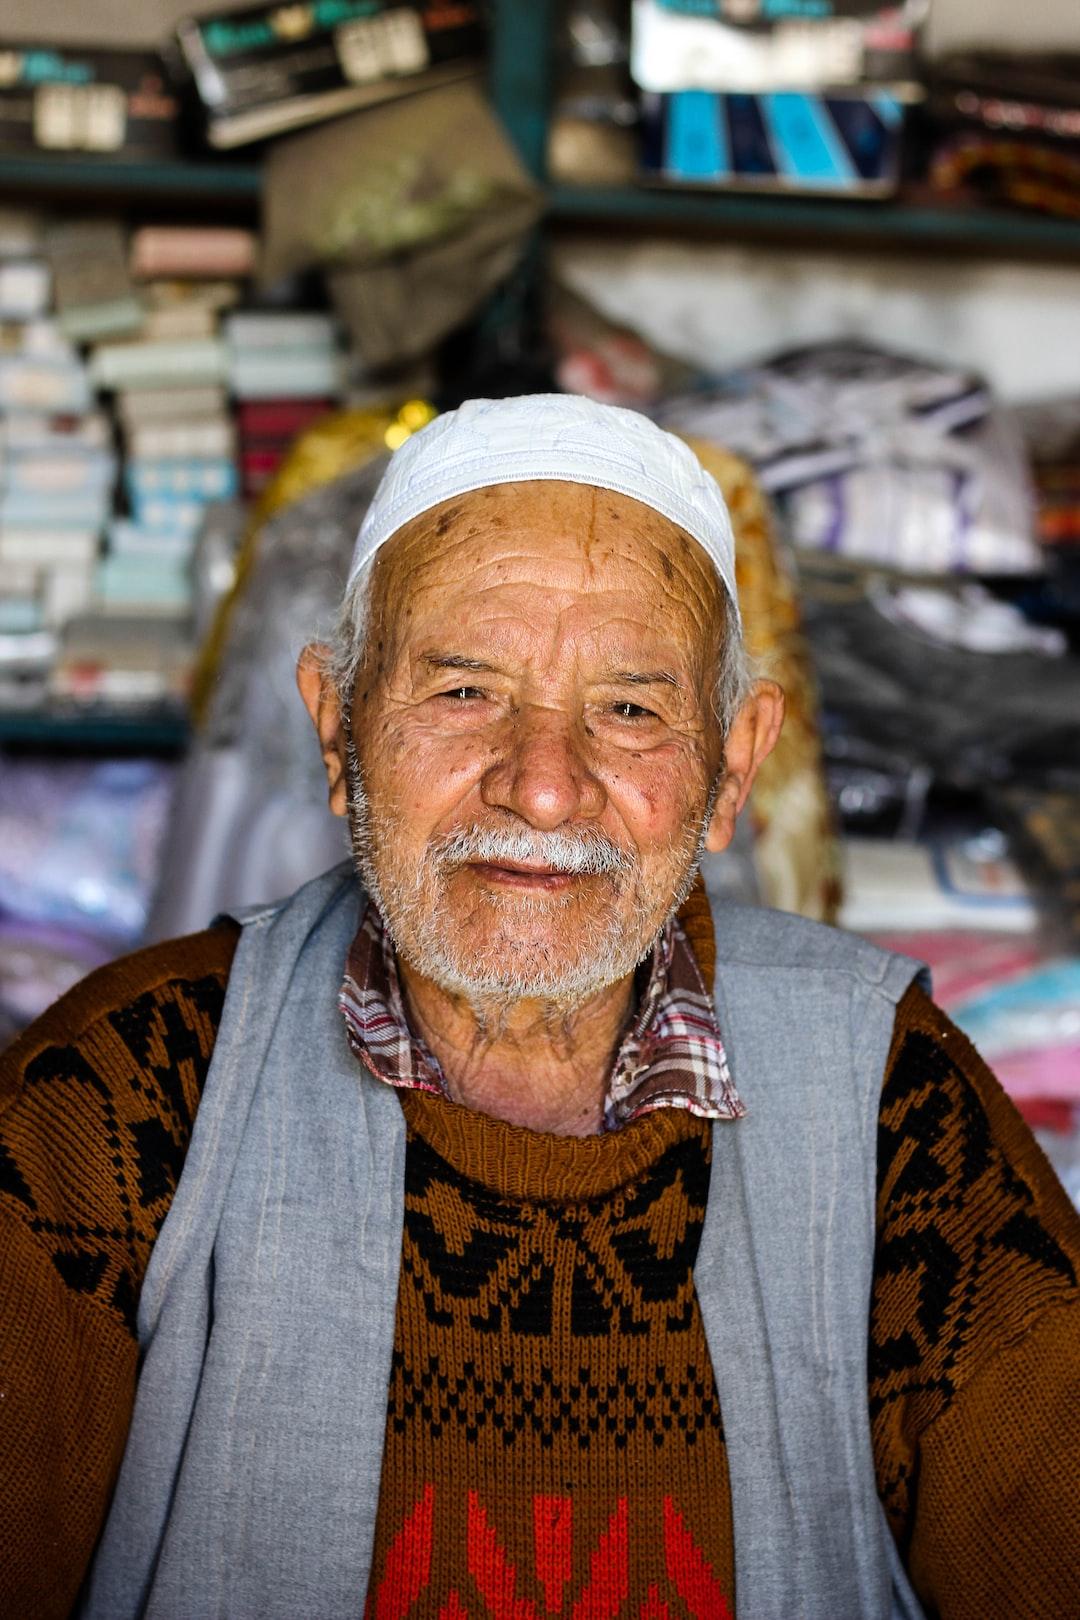 Old man in Gabes, Tunisie sit on his work